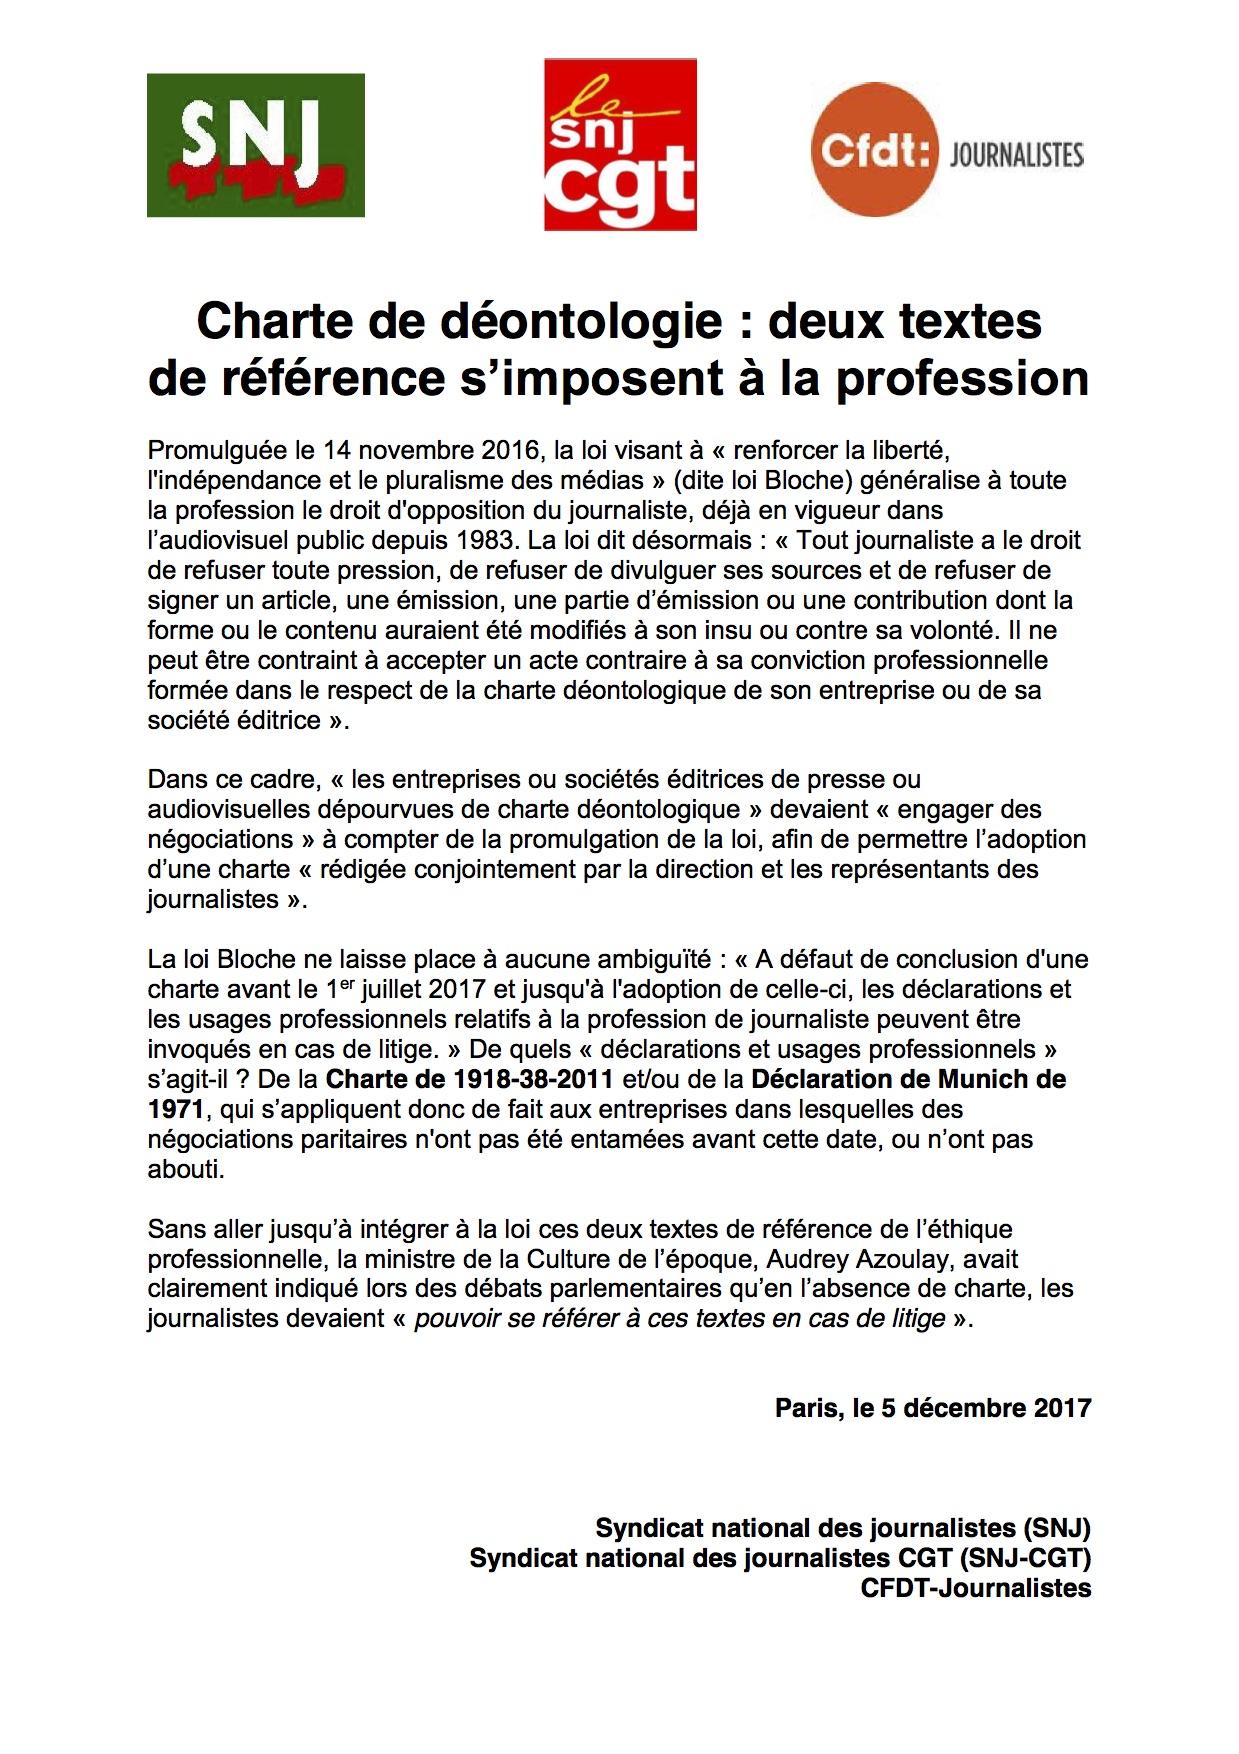 DEONTOLOGIE : le droit d'opposition est entré en vigueur (SNJ - CGT - CFDT)